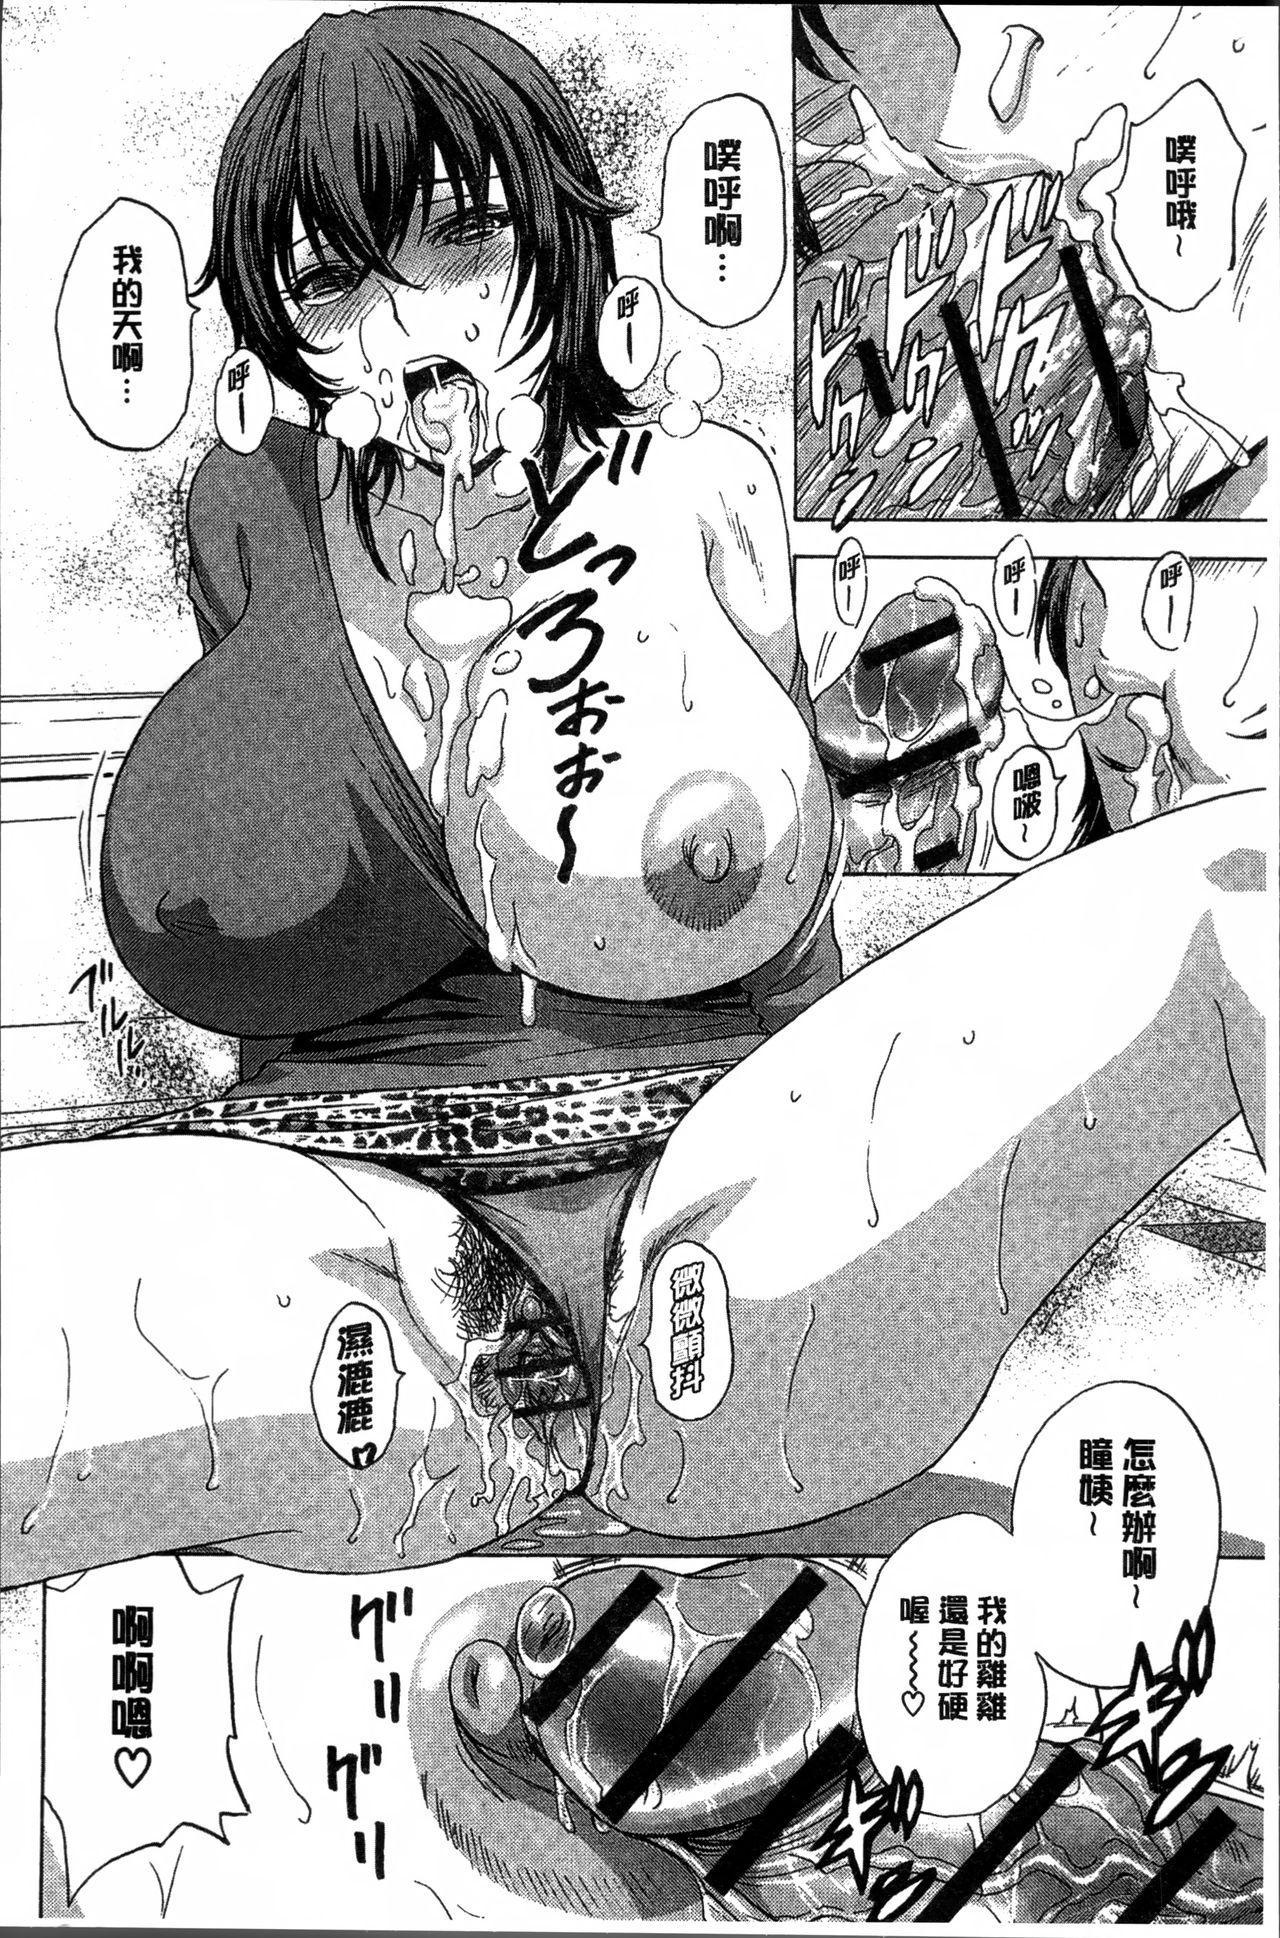 Ryoujyoku!! Urechichi Paradise 97